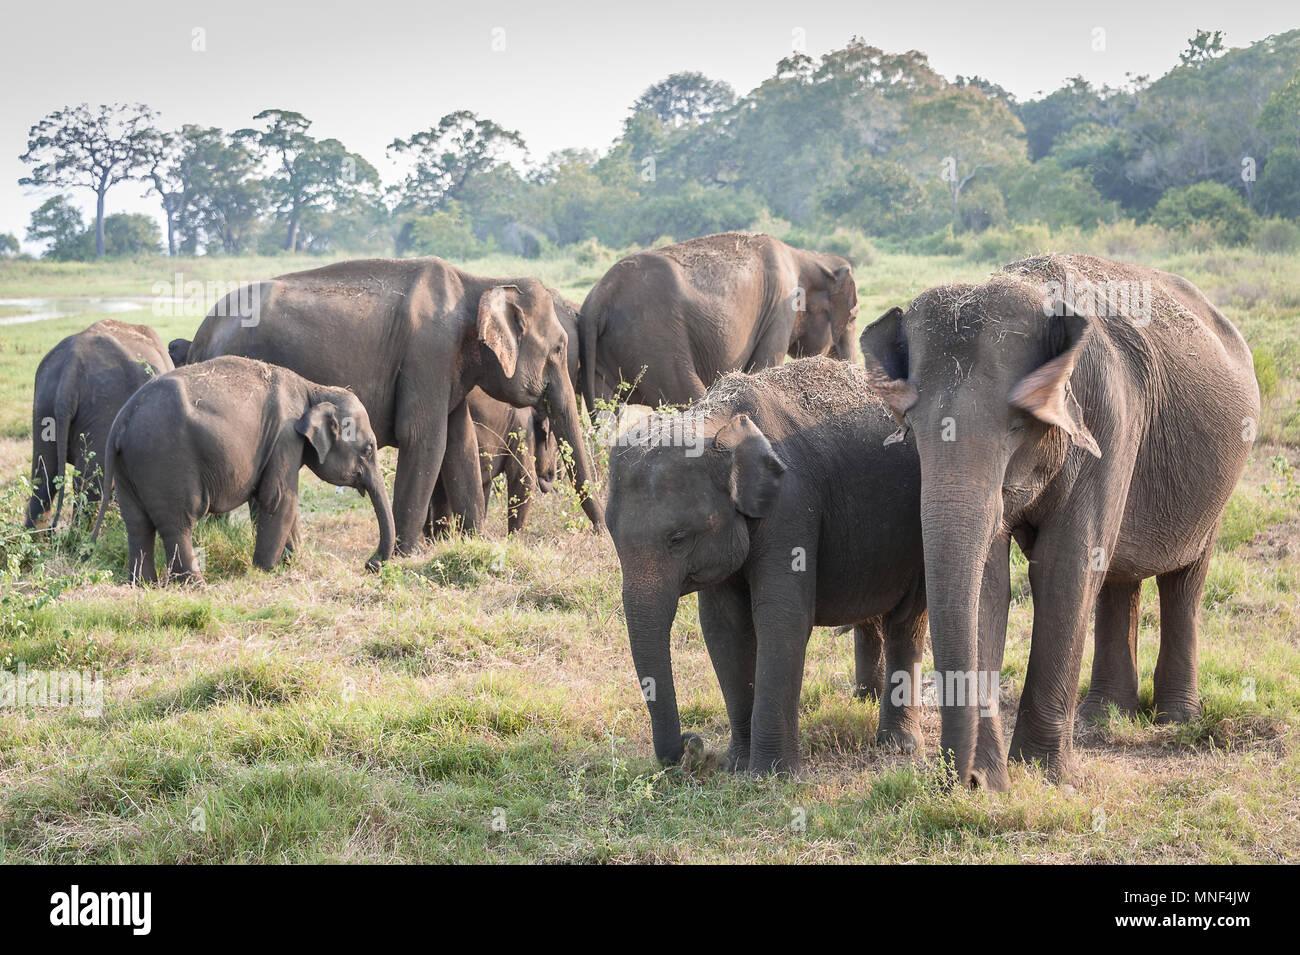 Troupeau d'éléphants indiens (Elephas maximus) paître sur les prairies dans Minerriya, Parc national du Sri Lanka. Coucher du soleil pacifique scène dans un paysage vert Photo Stock